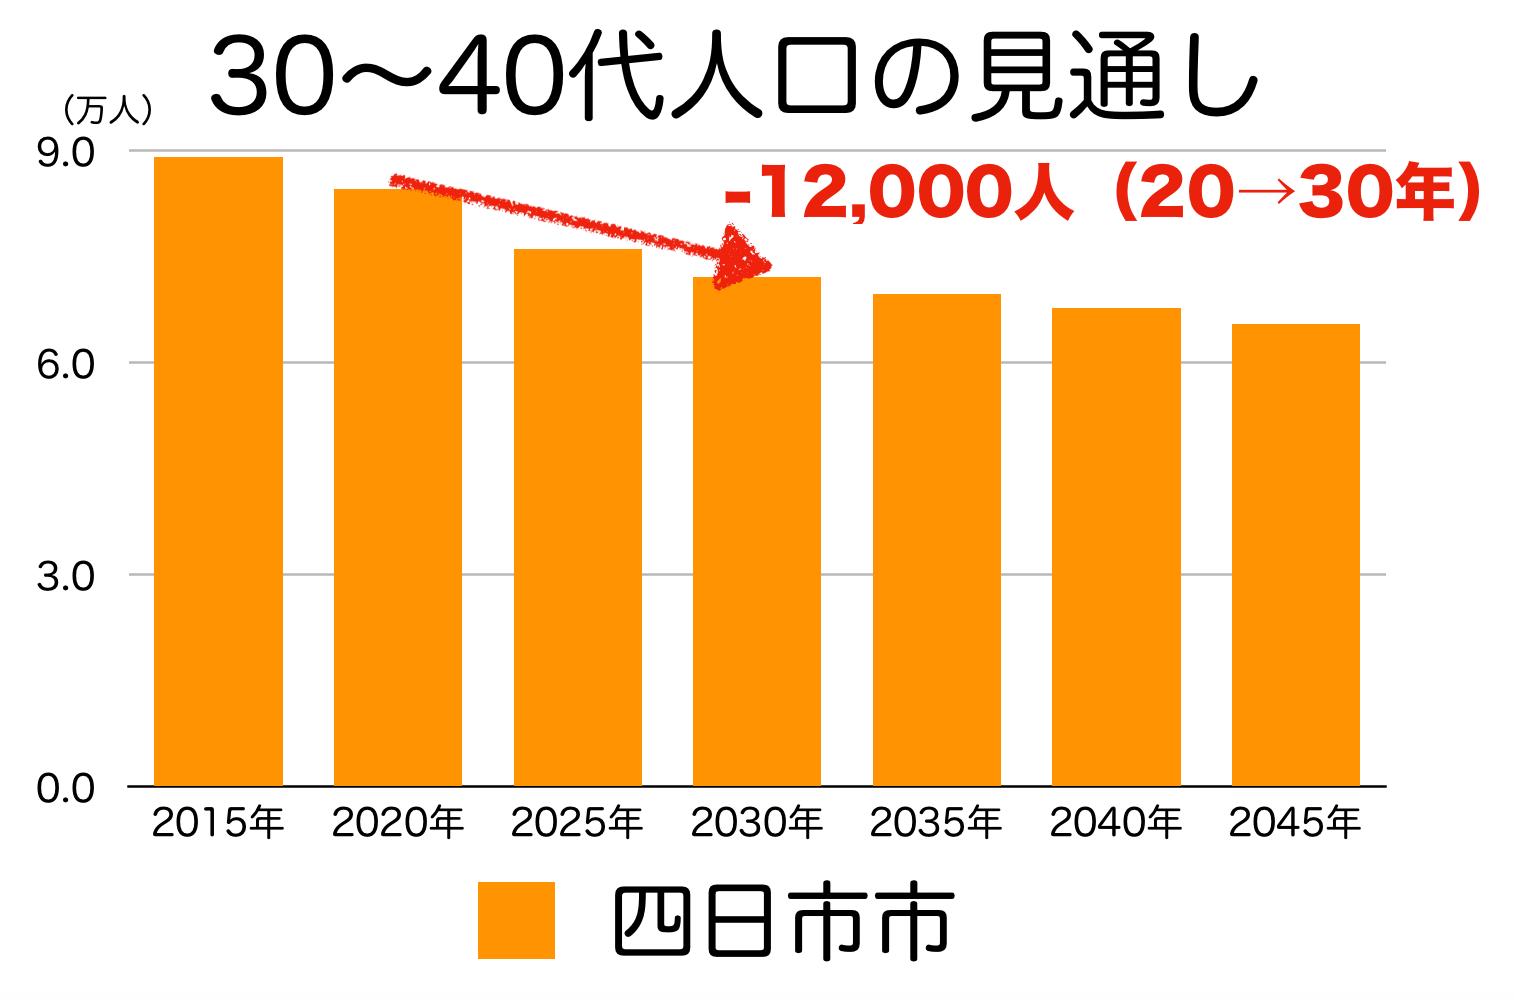 四日市市の30〜40代人口の予測